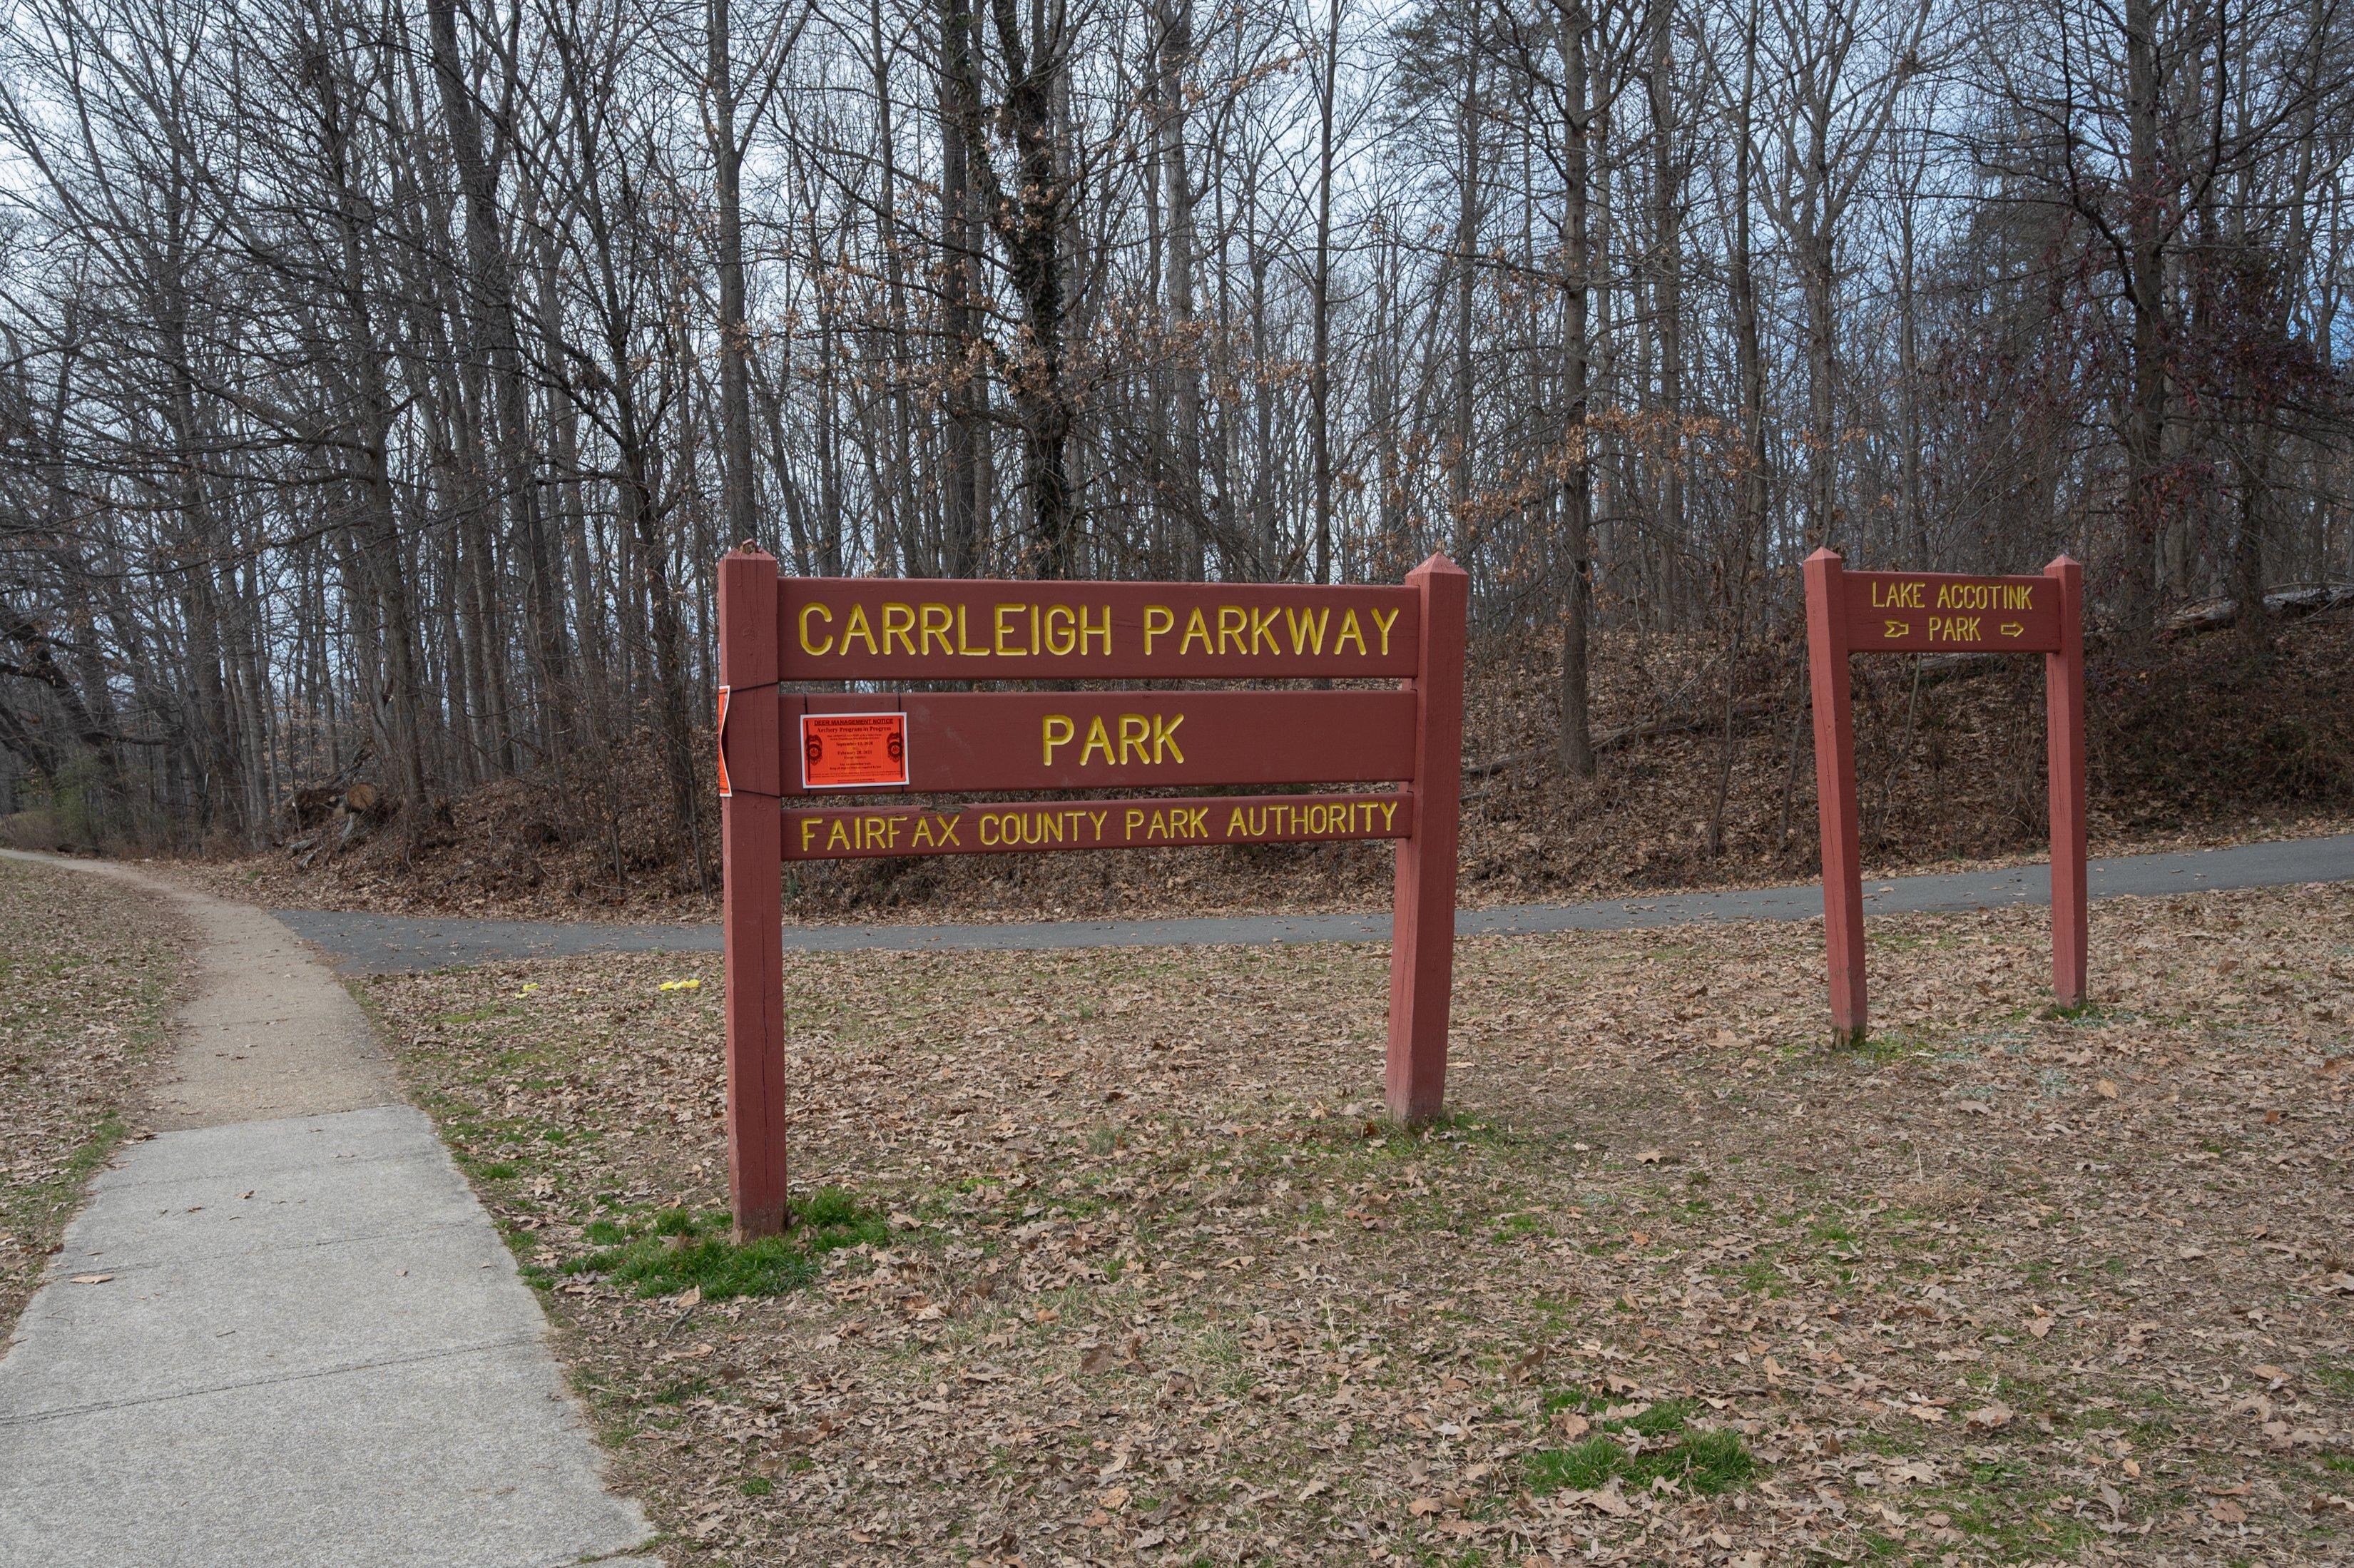 Carrleigh Pkwy sign